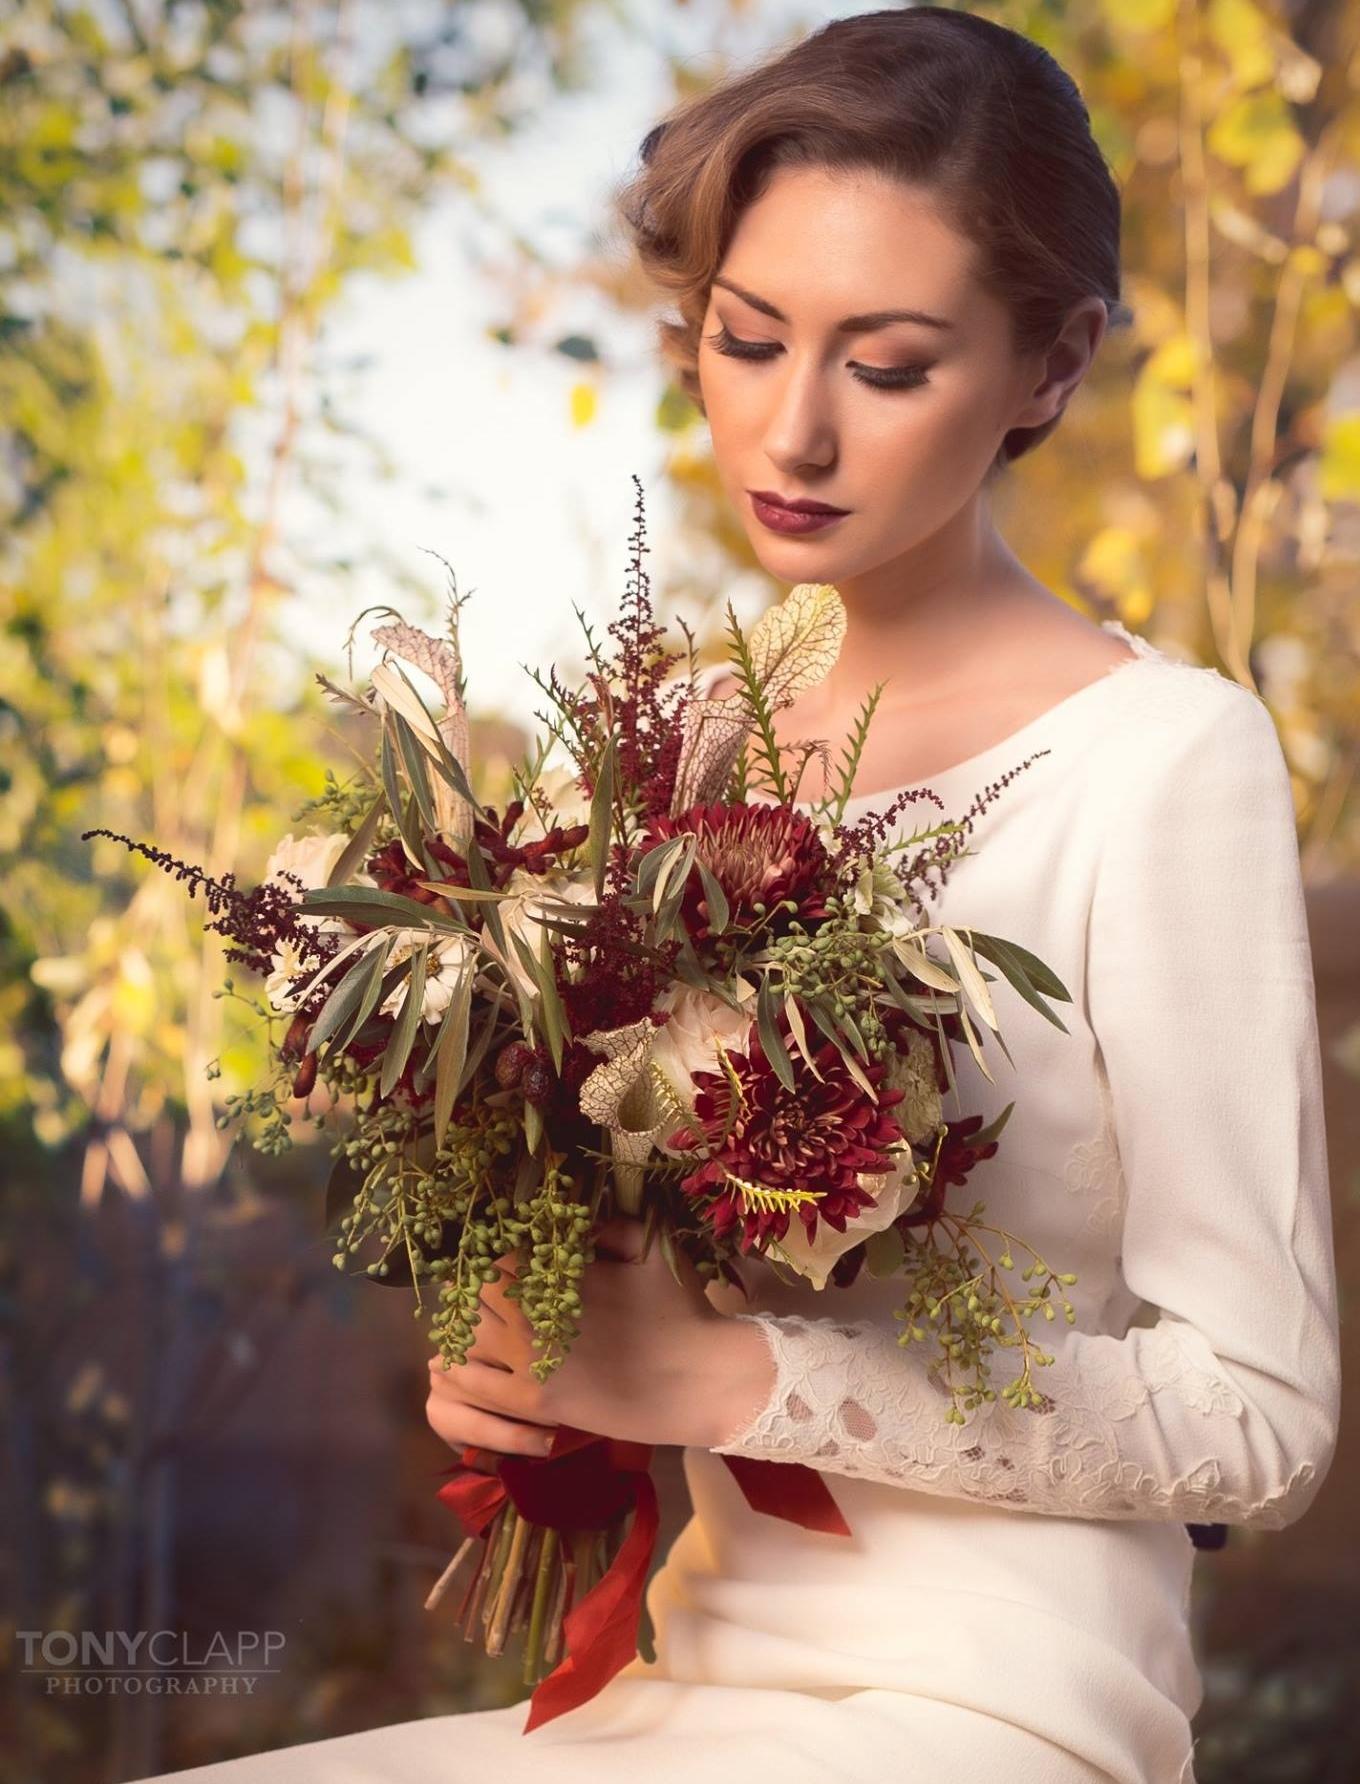 Tony Clapp Photography at Villa Parker  Flowers: Fleur Decor